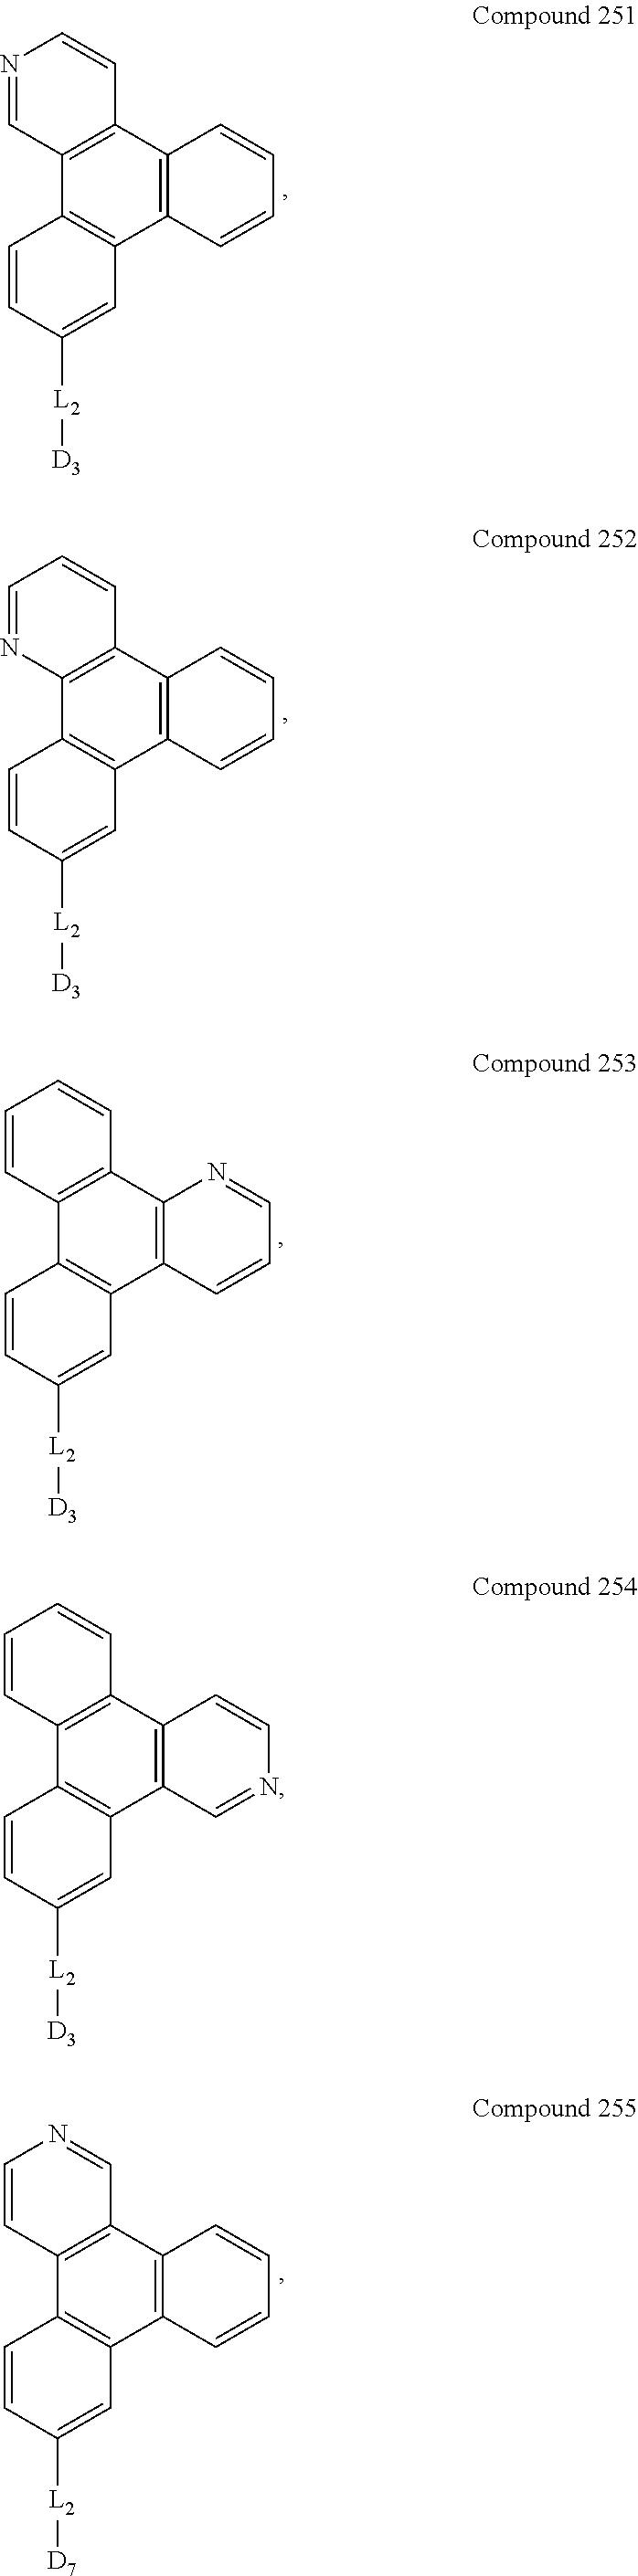 Figure US09537106-20170103-C00206